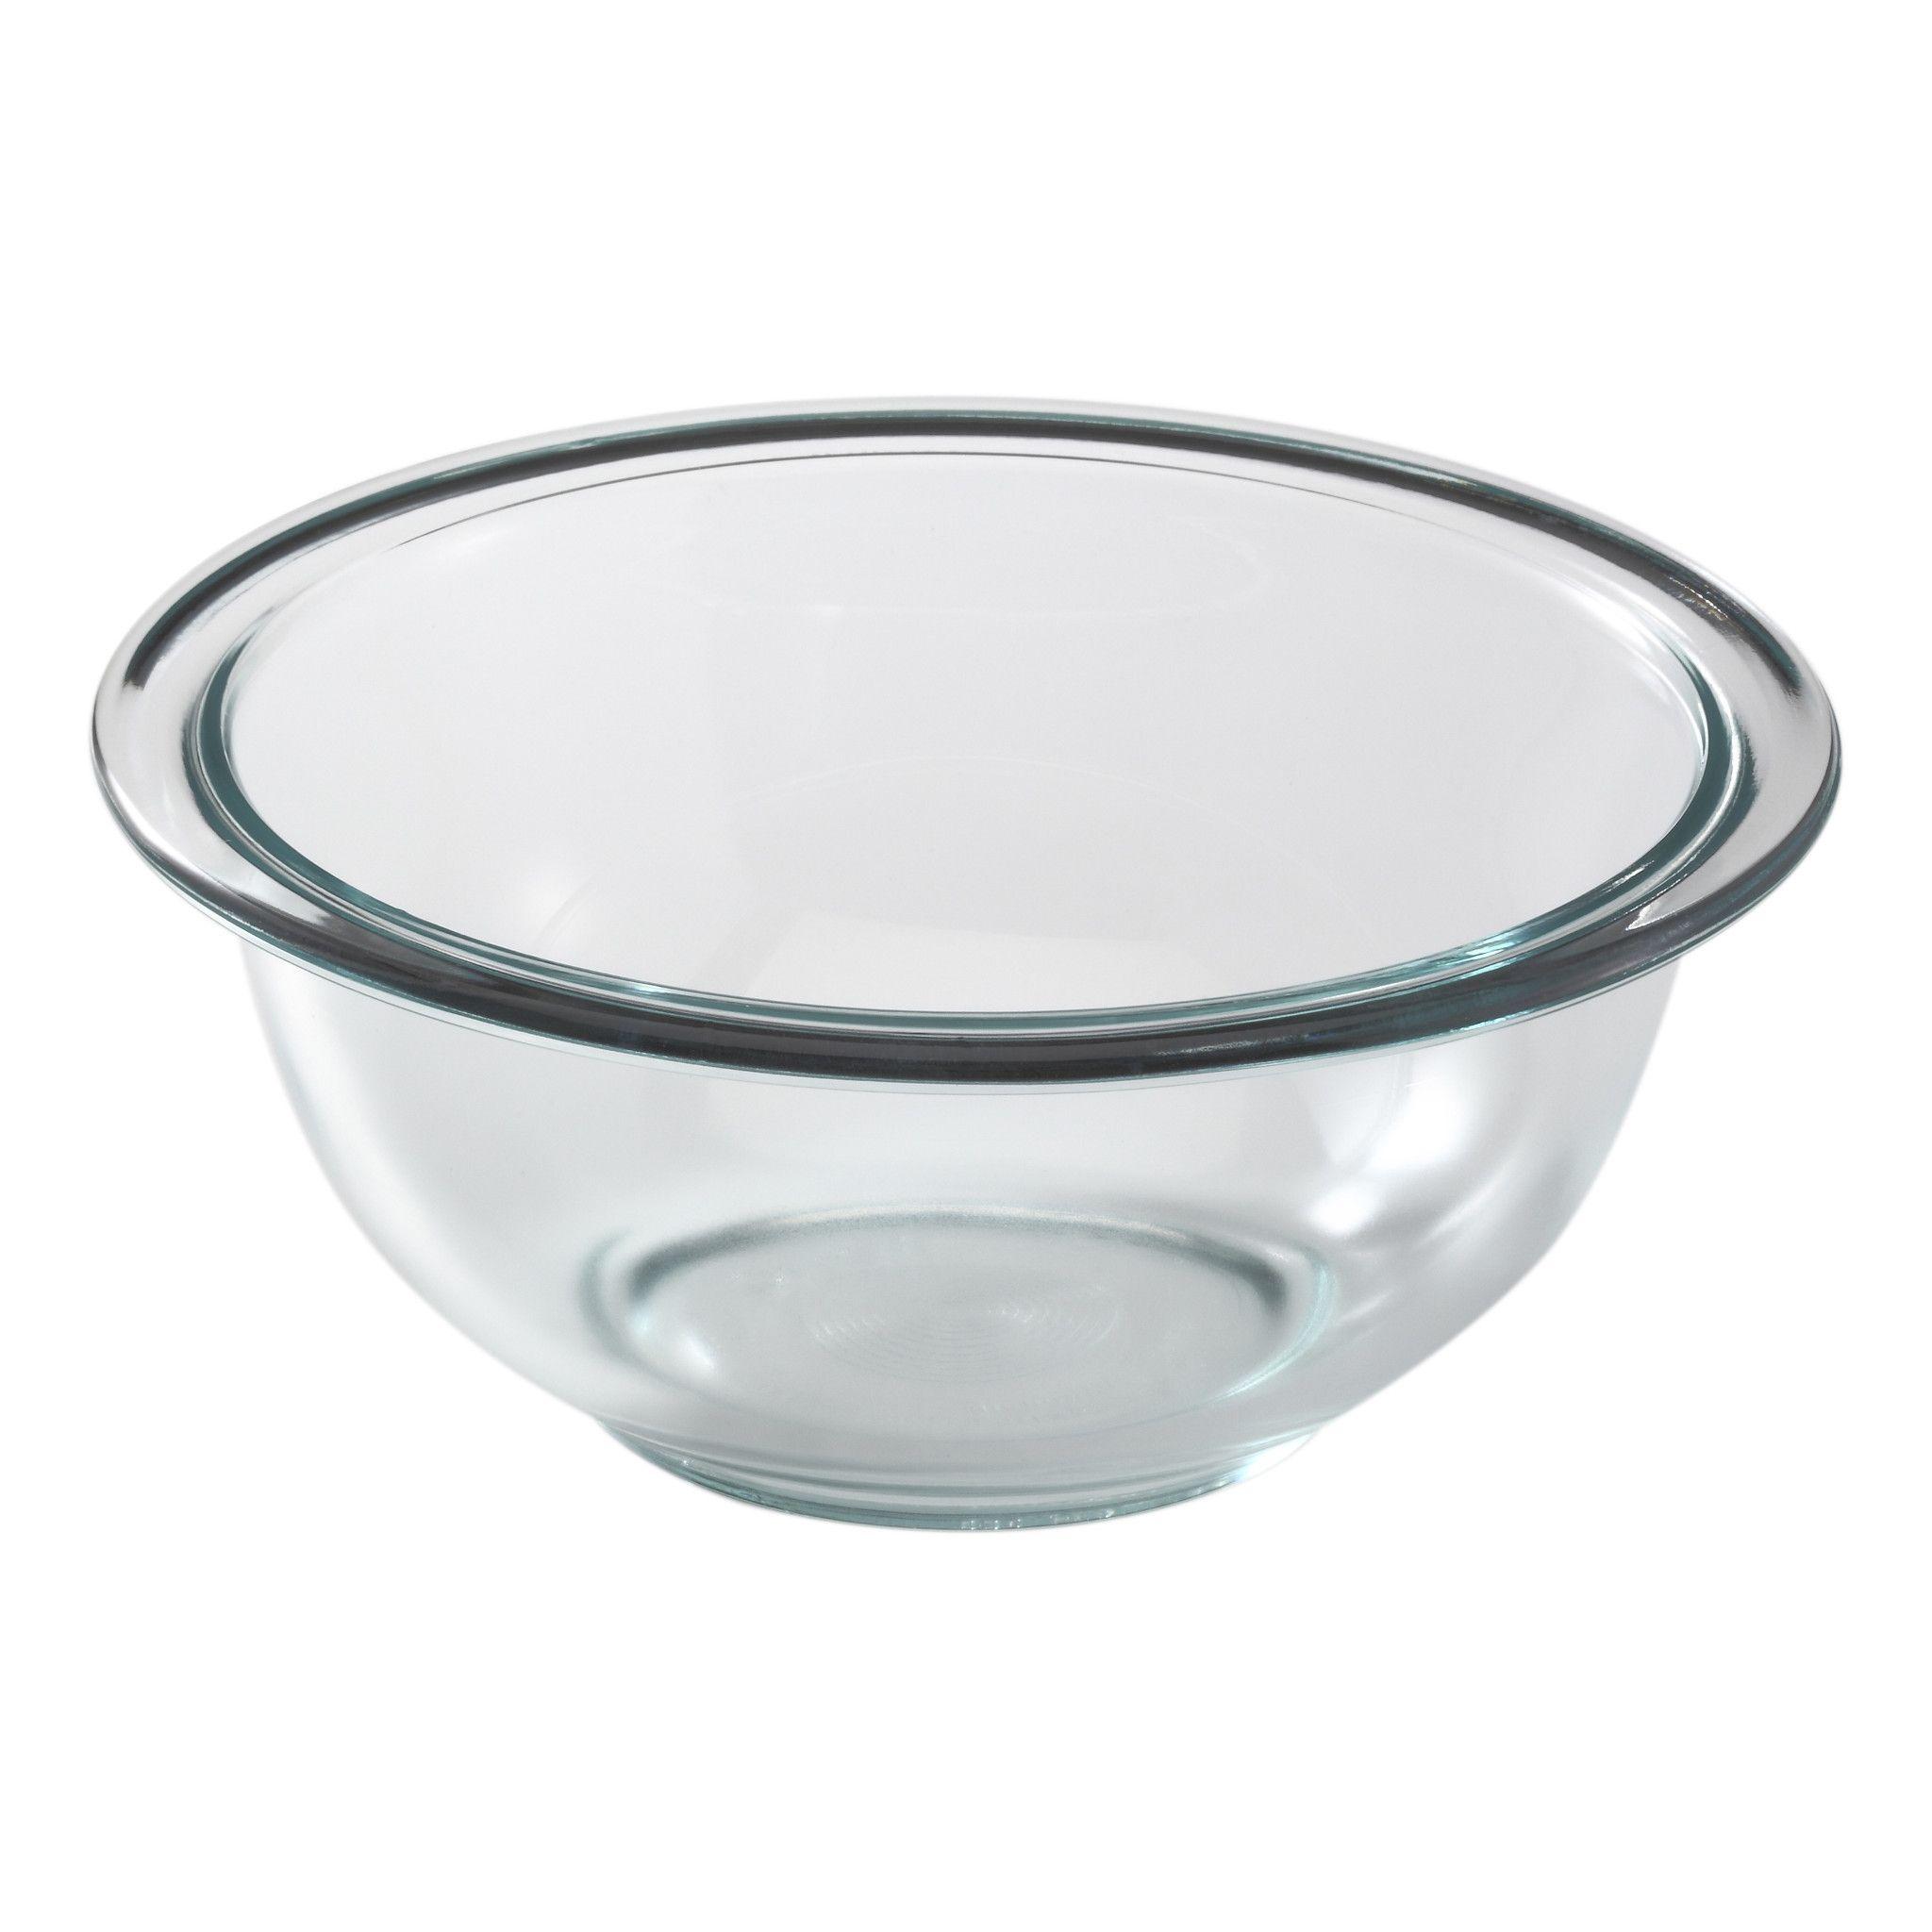 1-quart Mixing Bowl